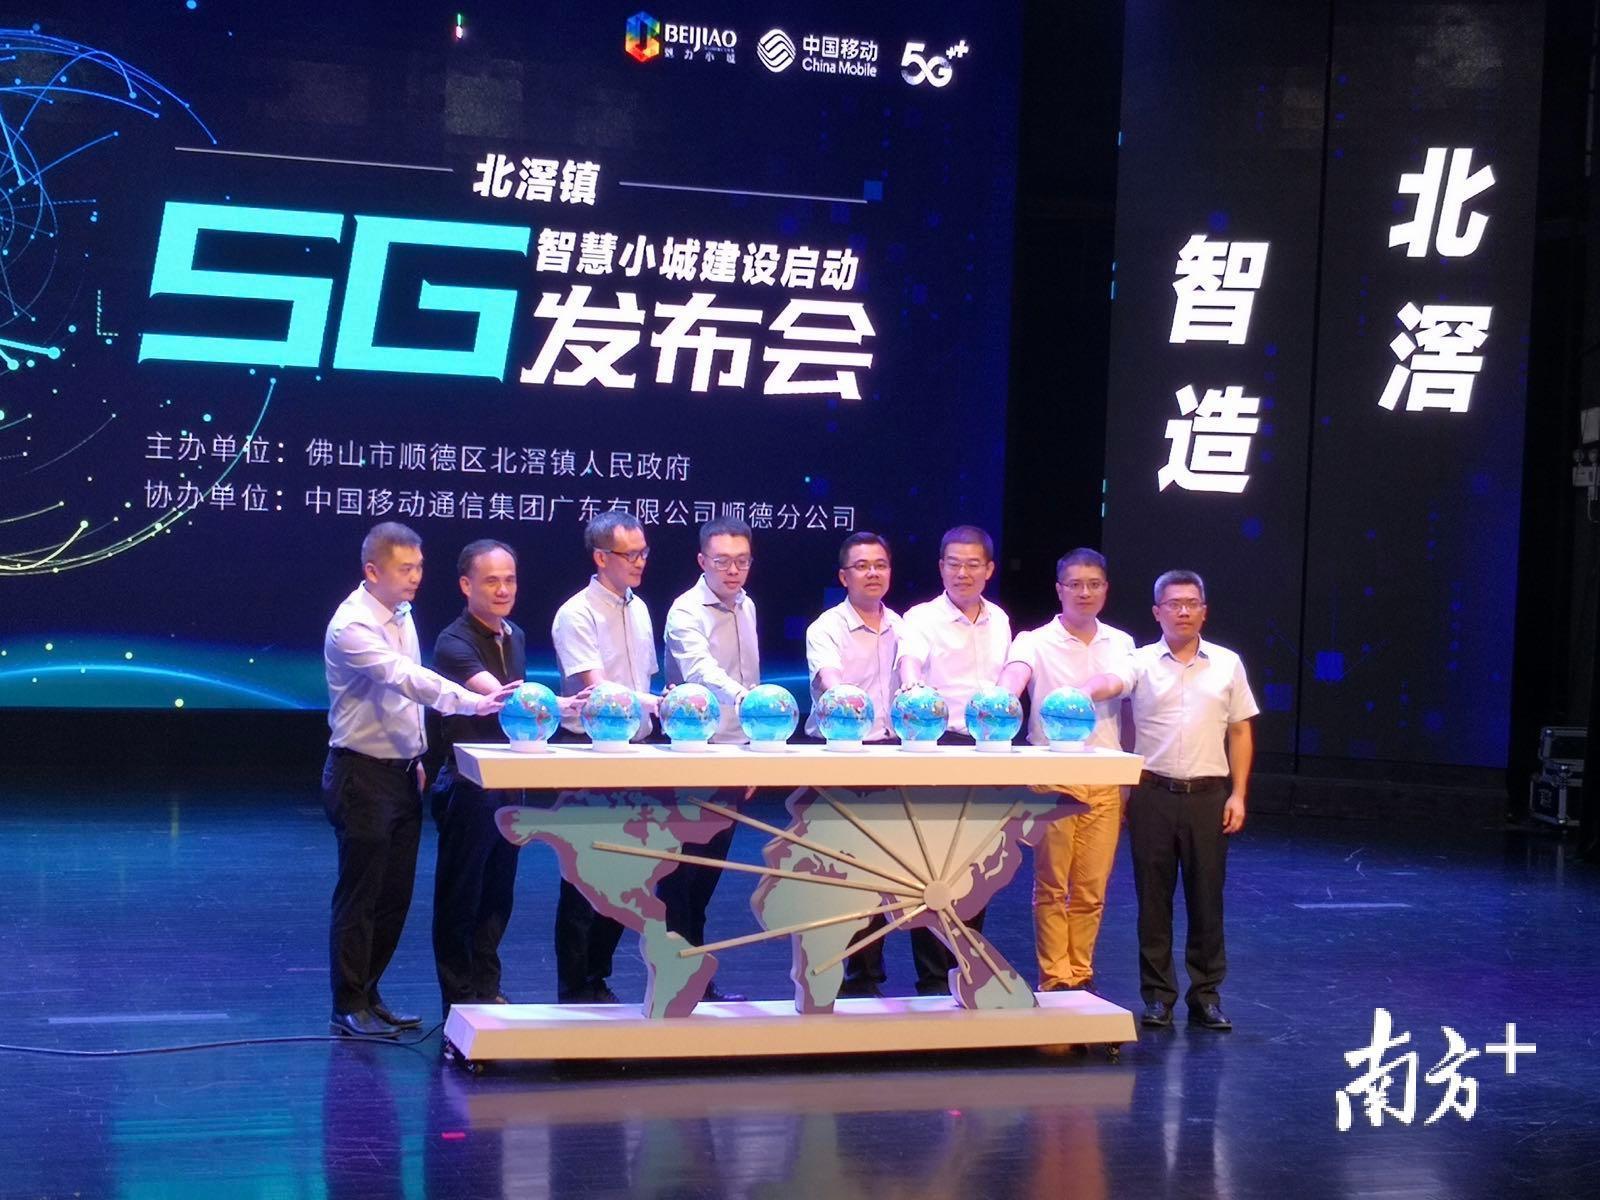 """7月17日,佛山市顺德区北滘镇举行""""5G智慧小城""""建设启动发布会。 罗湛贤 摄"""